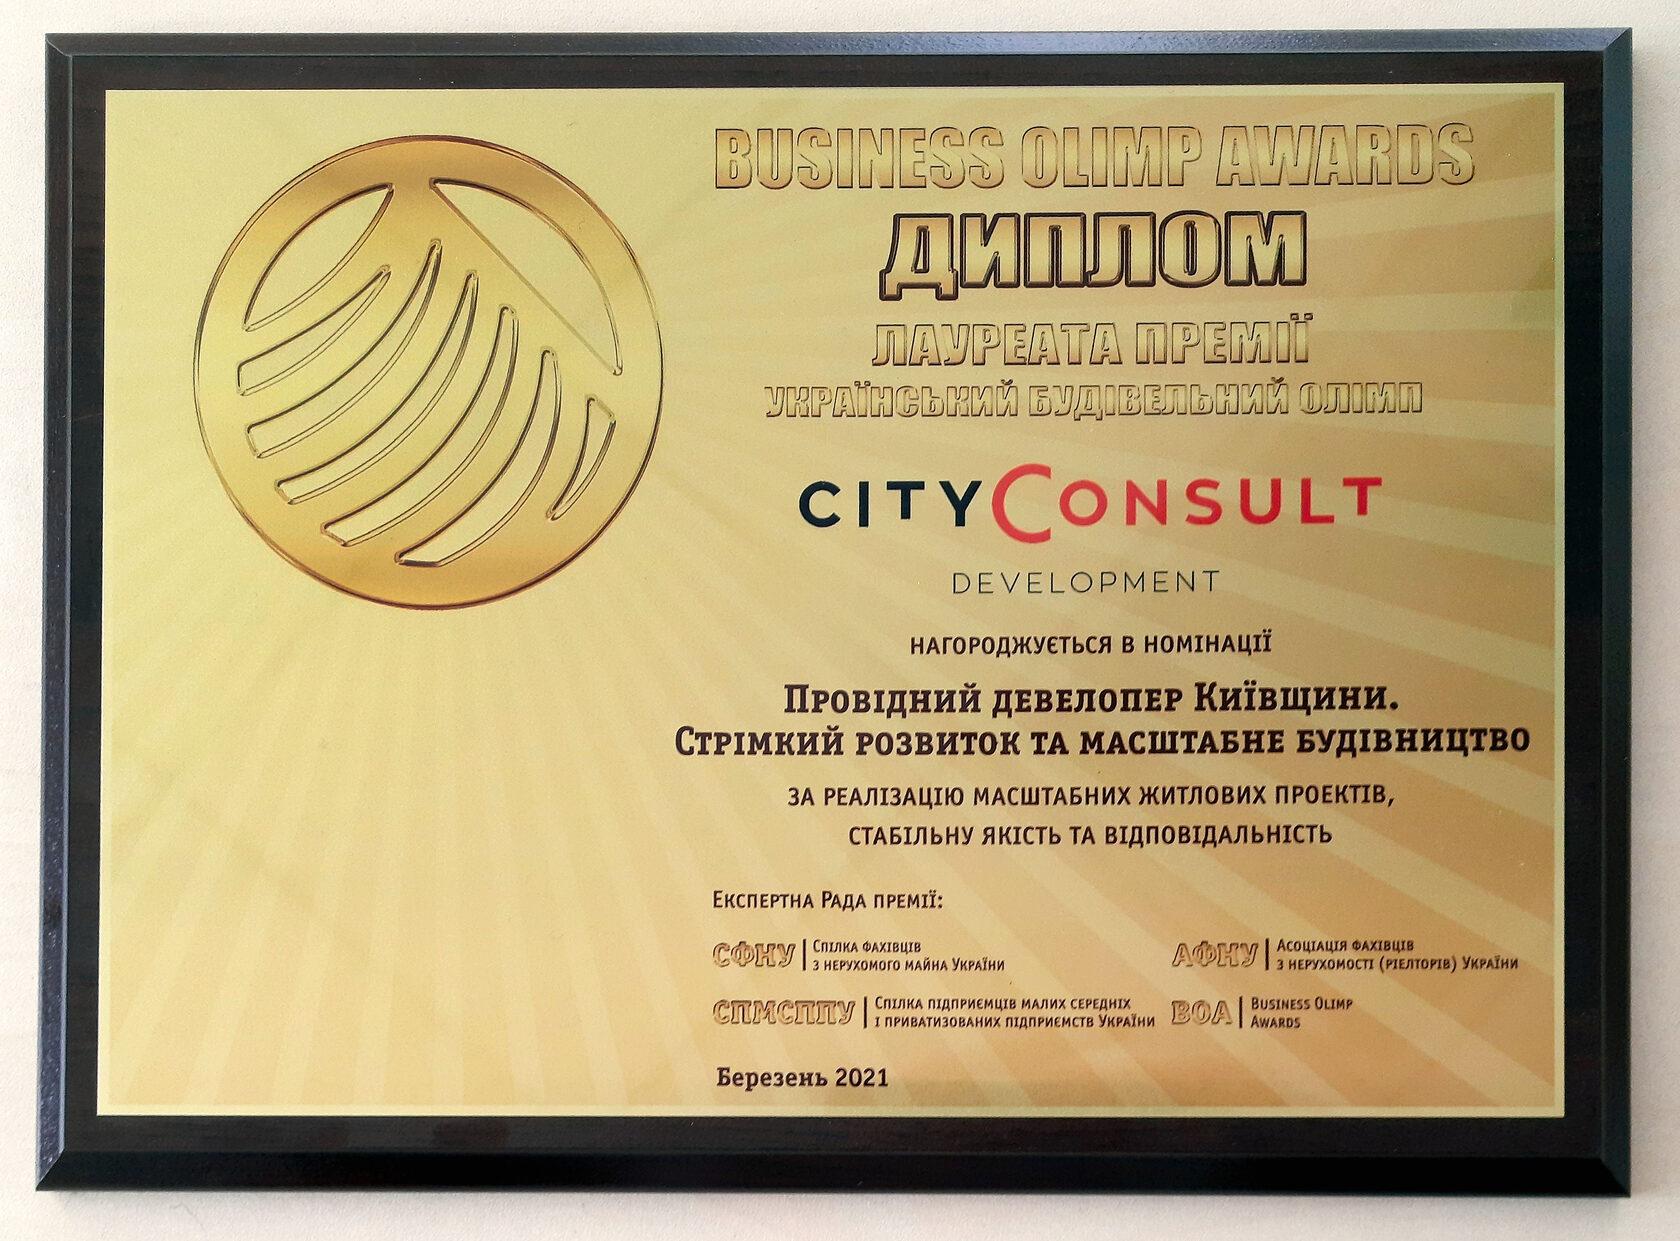 Cityconsult Development – Провідний девелопер Київщини за версією Будівельний Олімп